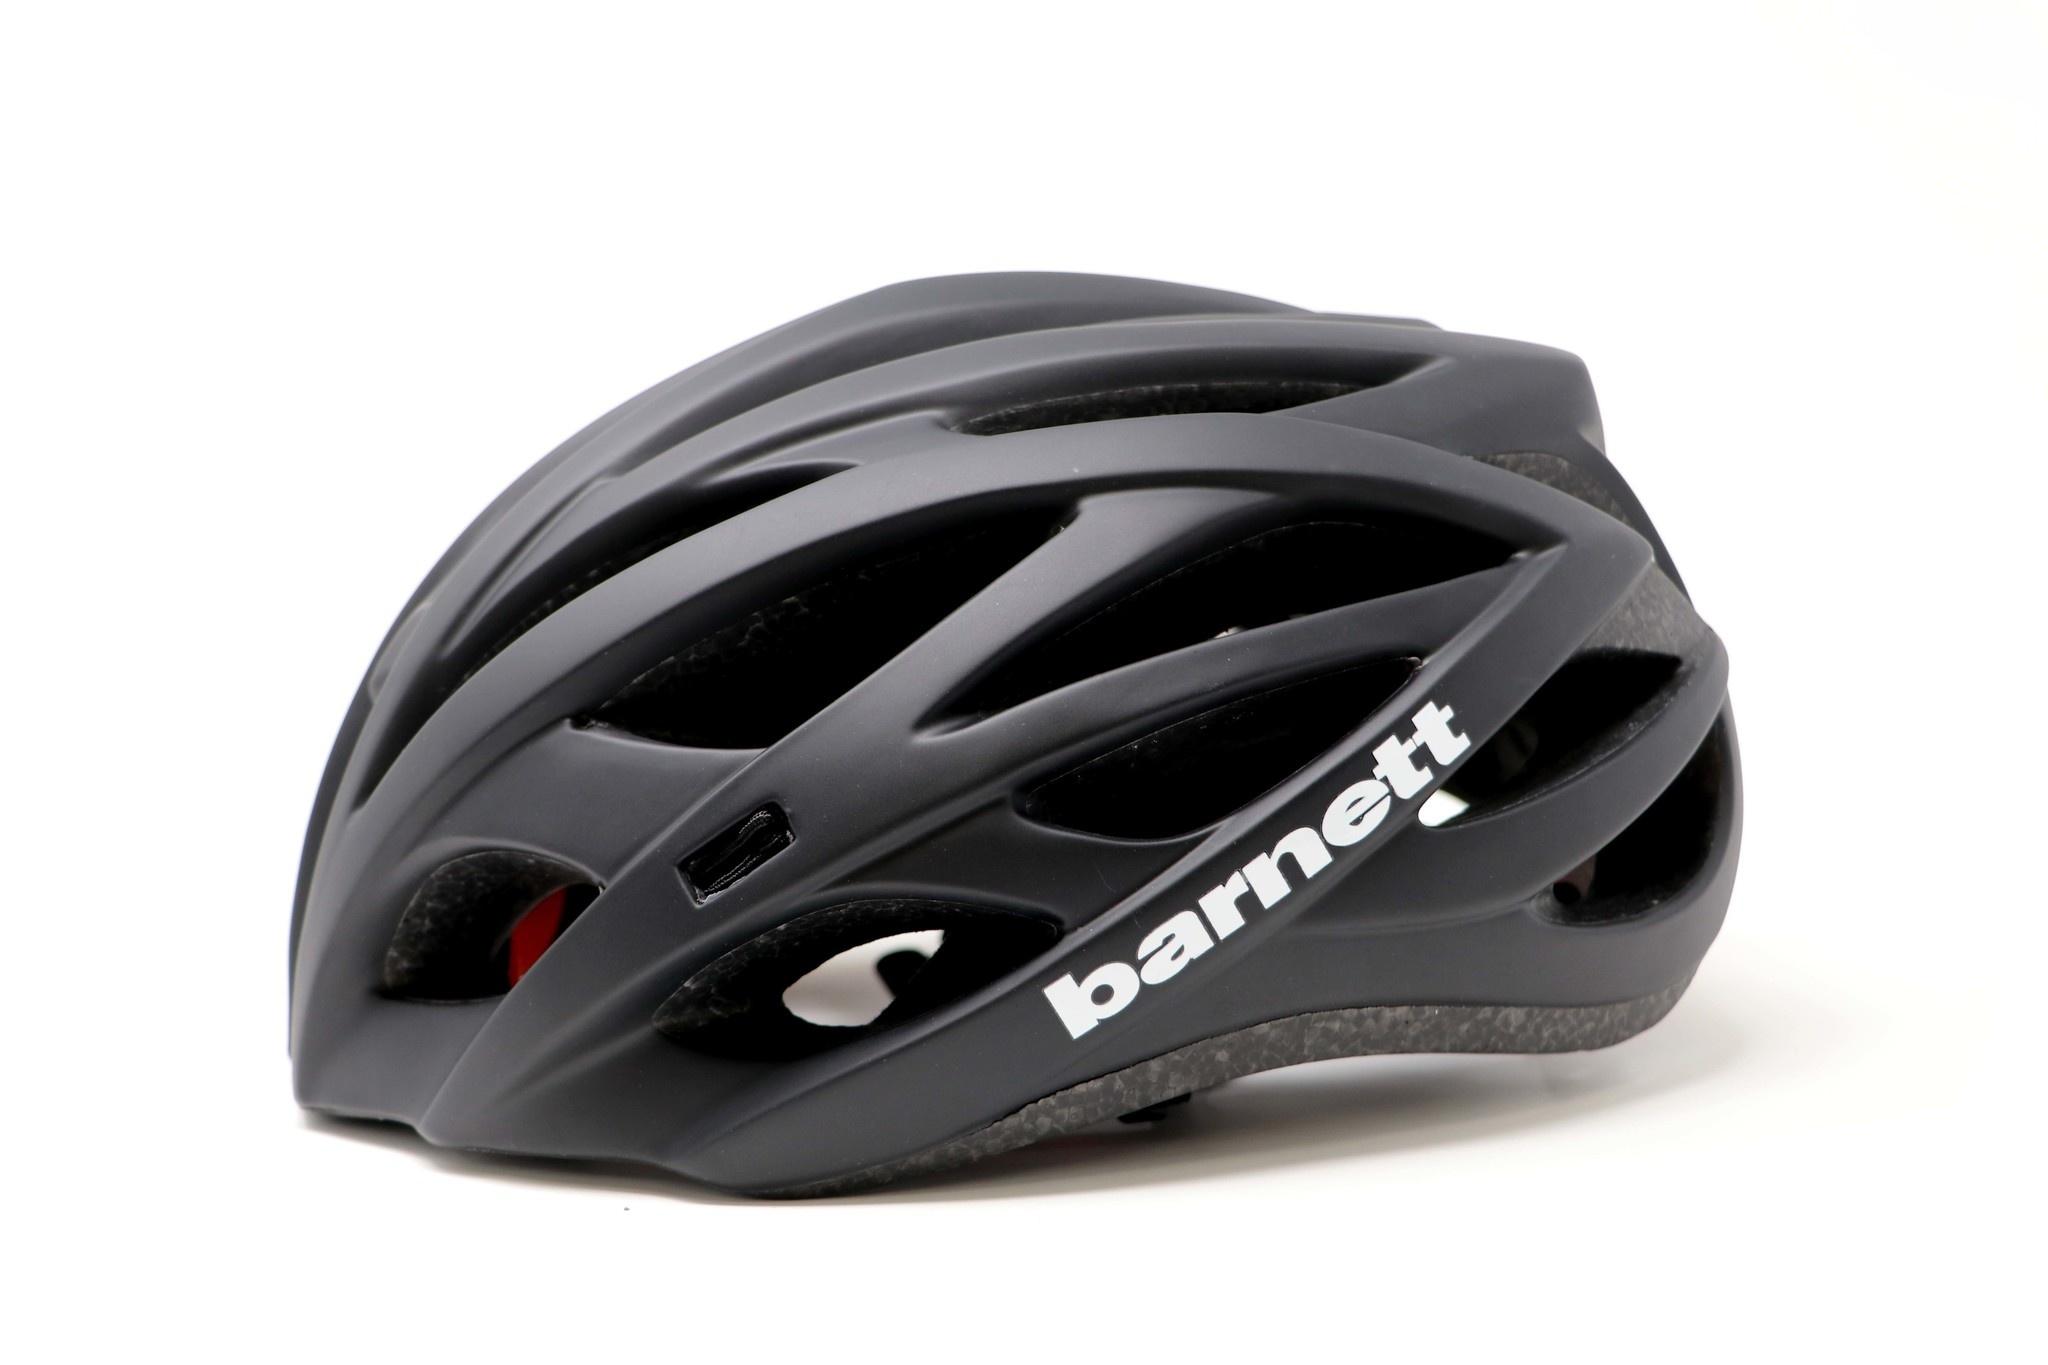 H93 Bicycle and Rollerski helmet BLACK